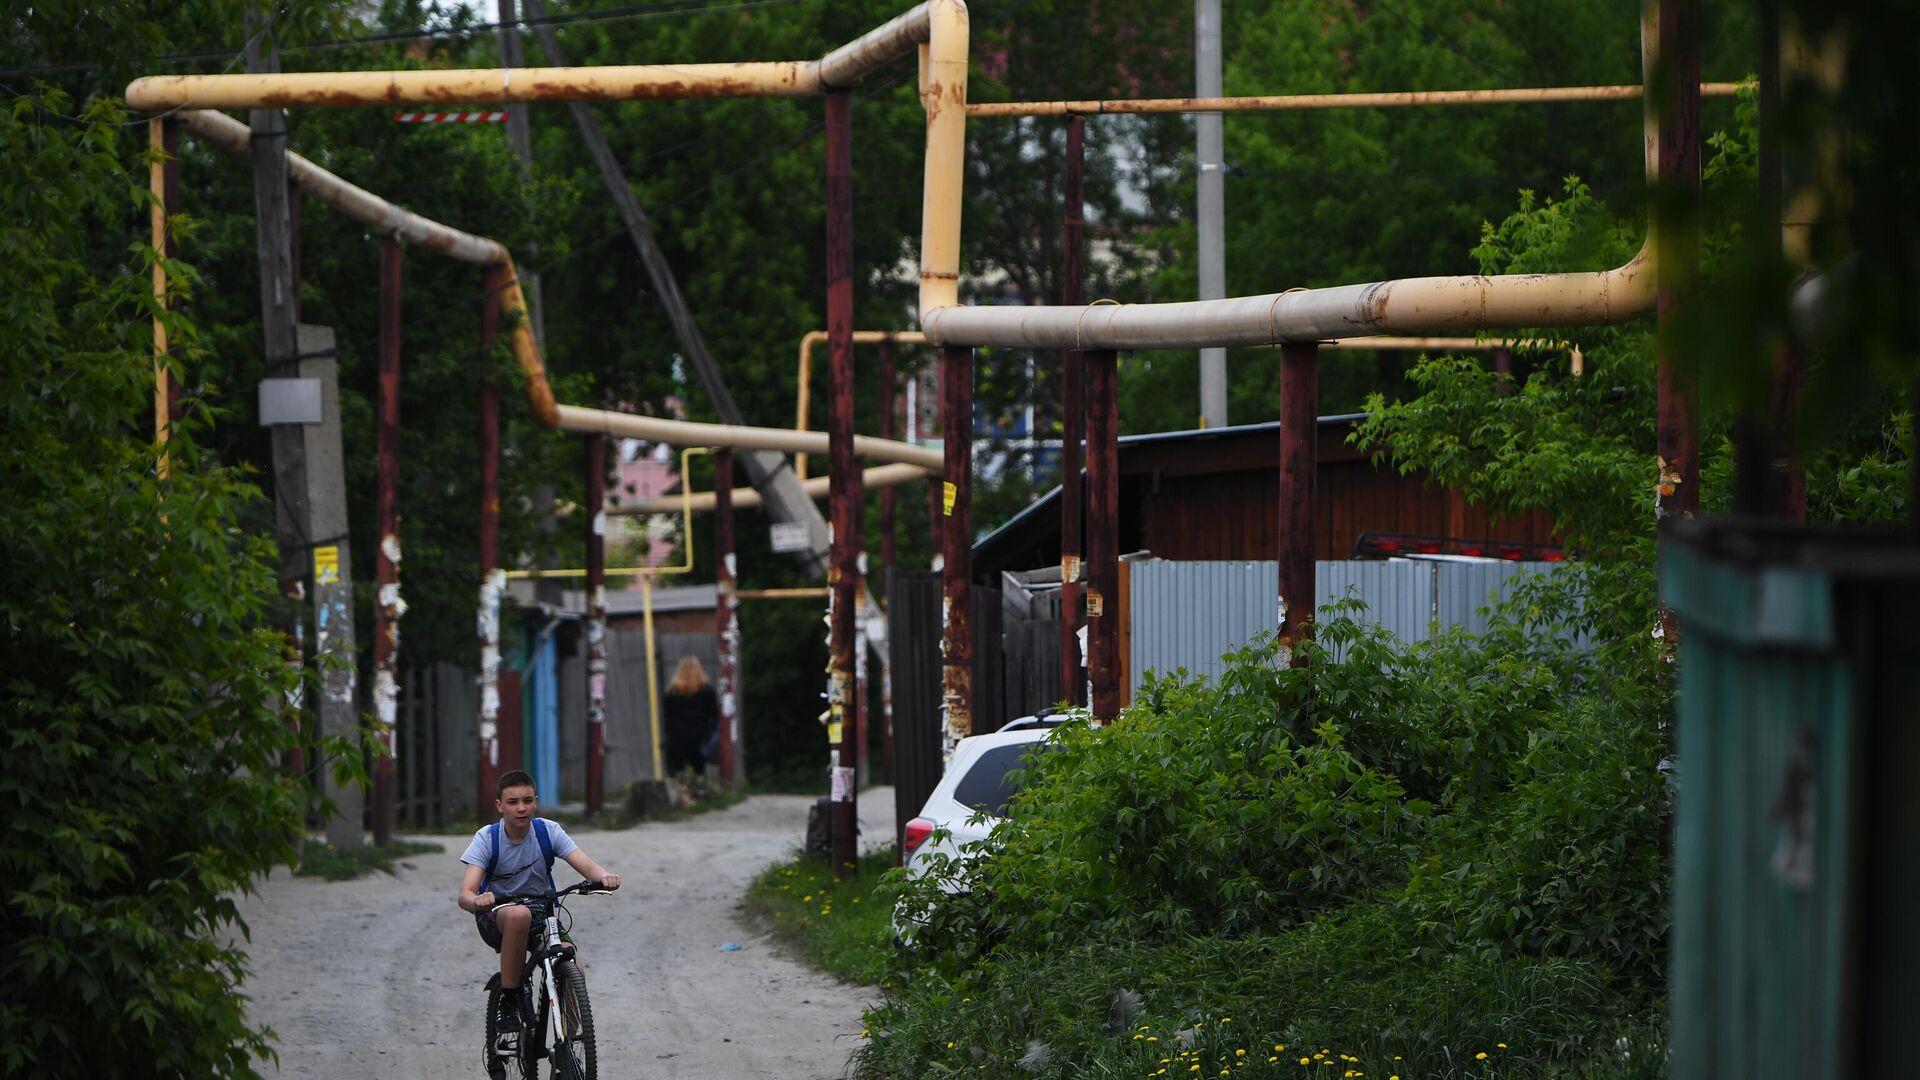 Газопровод в секторе малоэтажной жилой застройки на окраине Новосибирска - РИА Новости, 1920, 26.07.2021